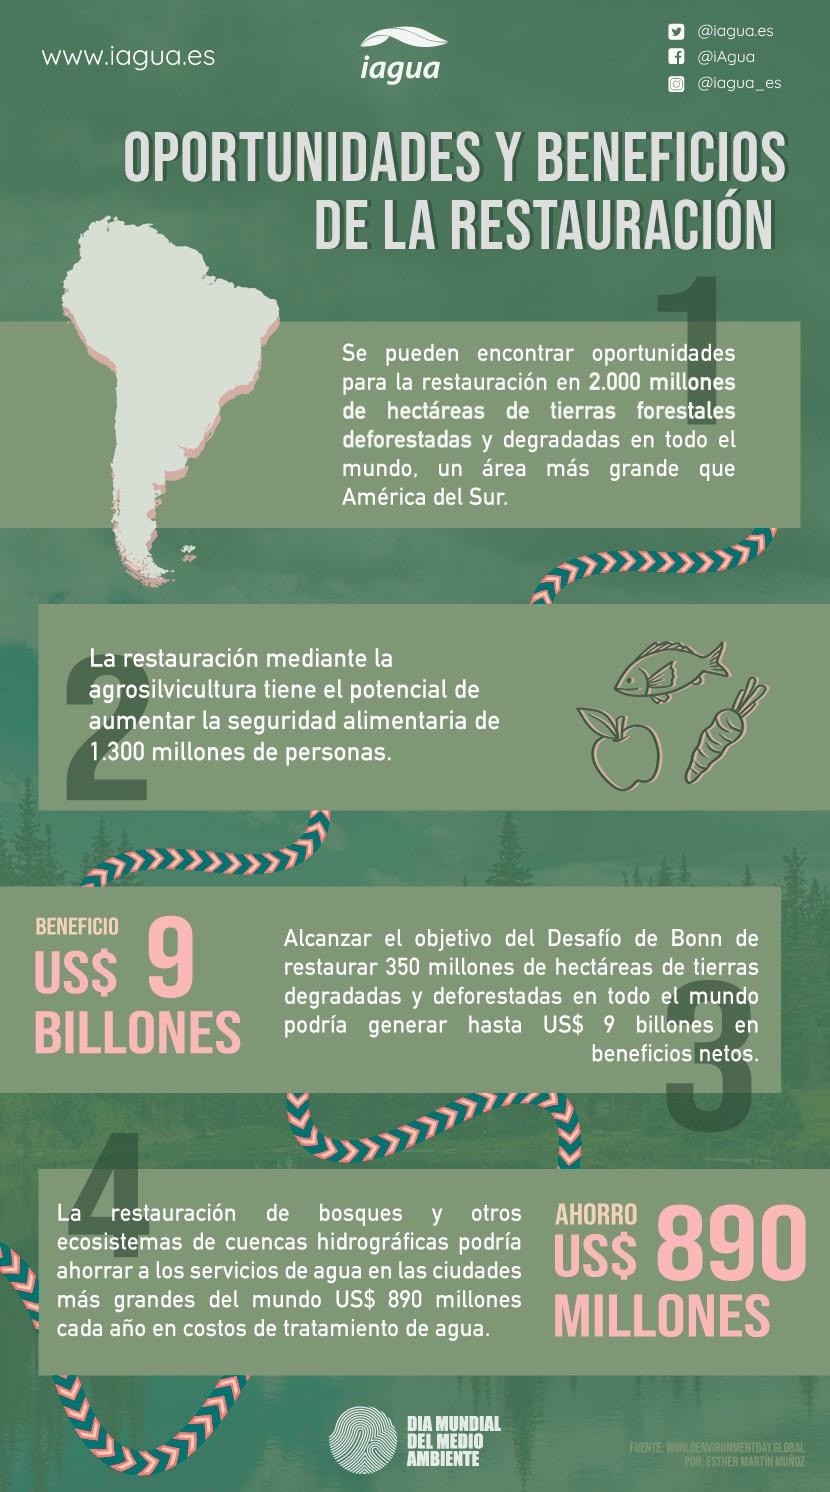 Día Mundial del Medio Ambiente 2021: Oportunidades y beneficios de la restauración (Infografía))